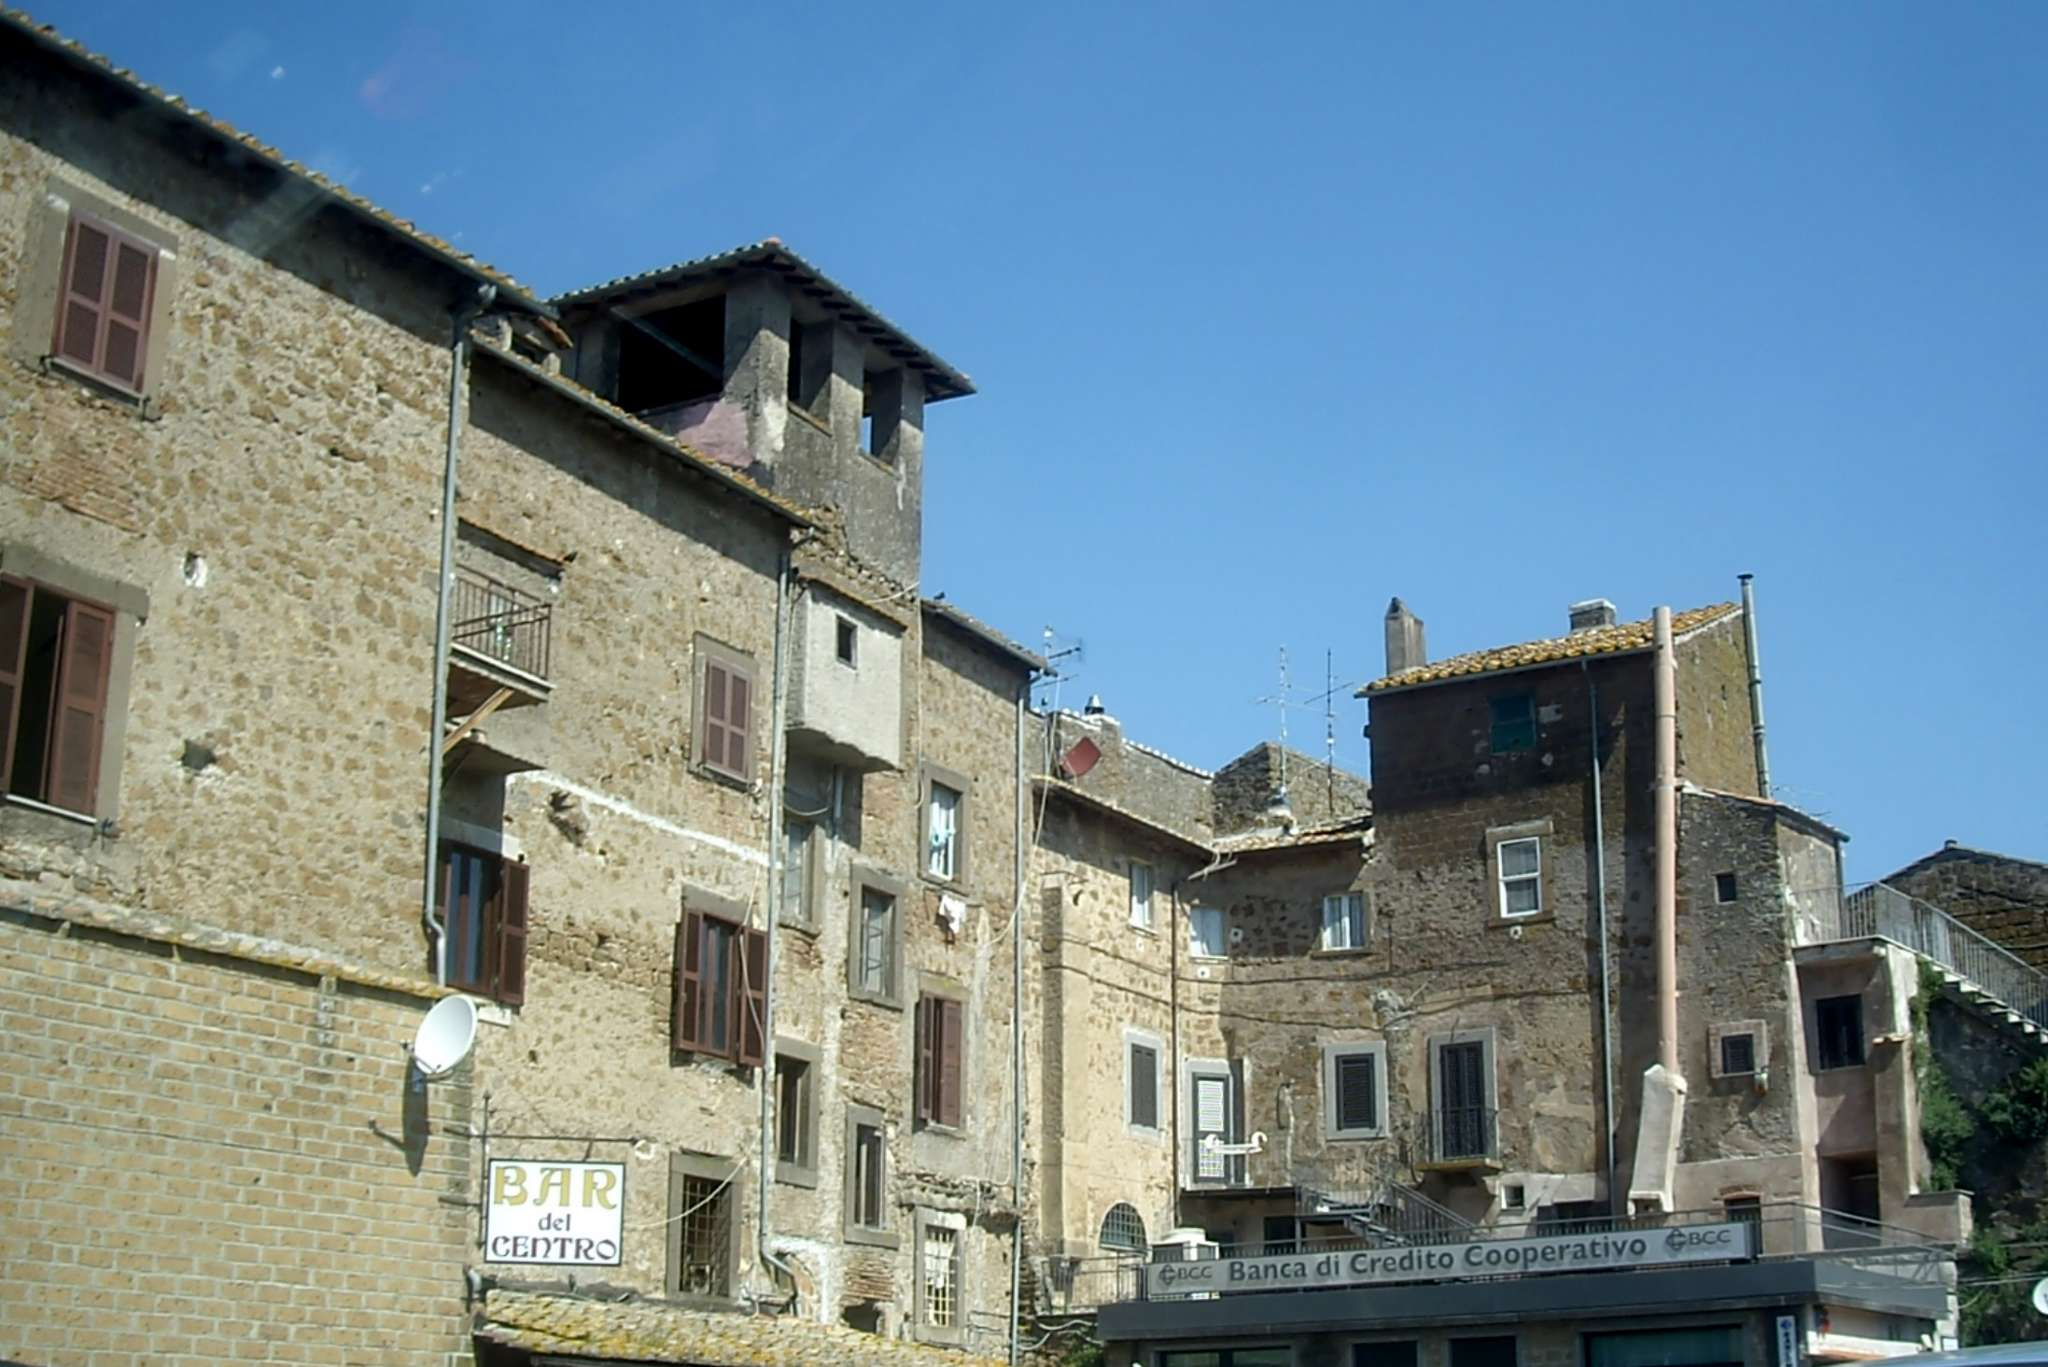 Appartamento in vendita a Blera, 1 locali, prezzo € 15.000   CambioCasa.it